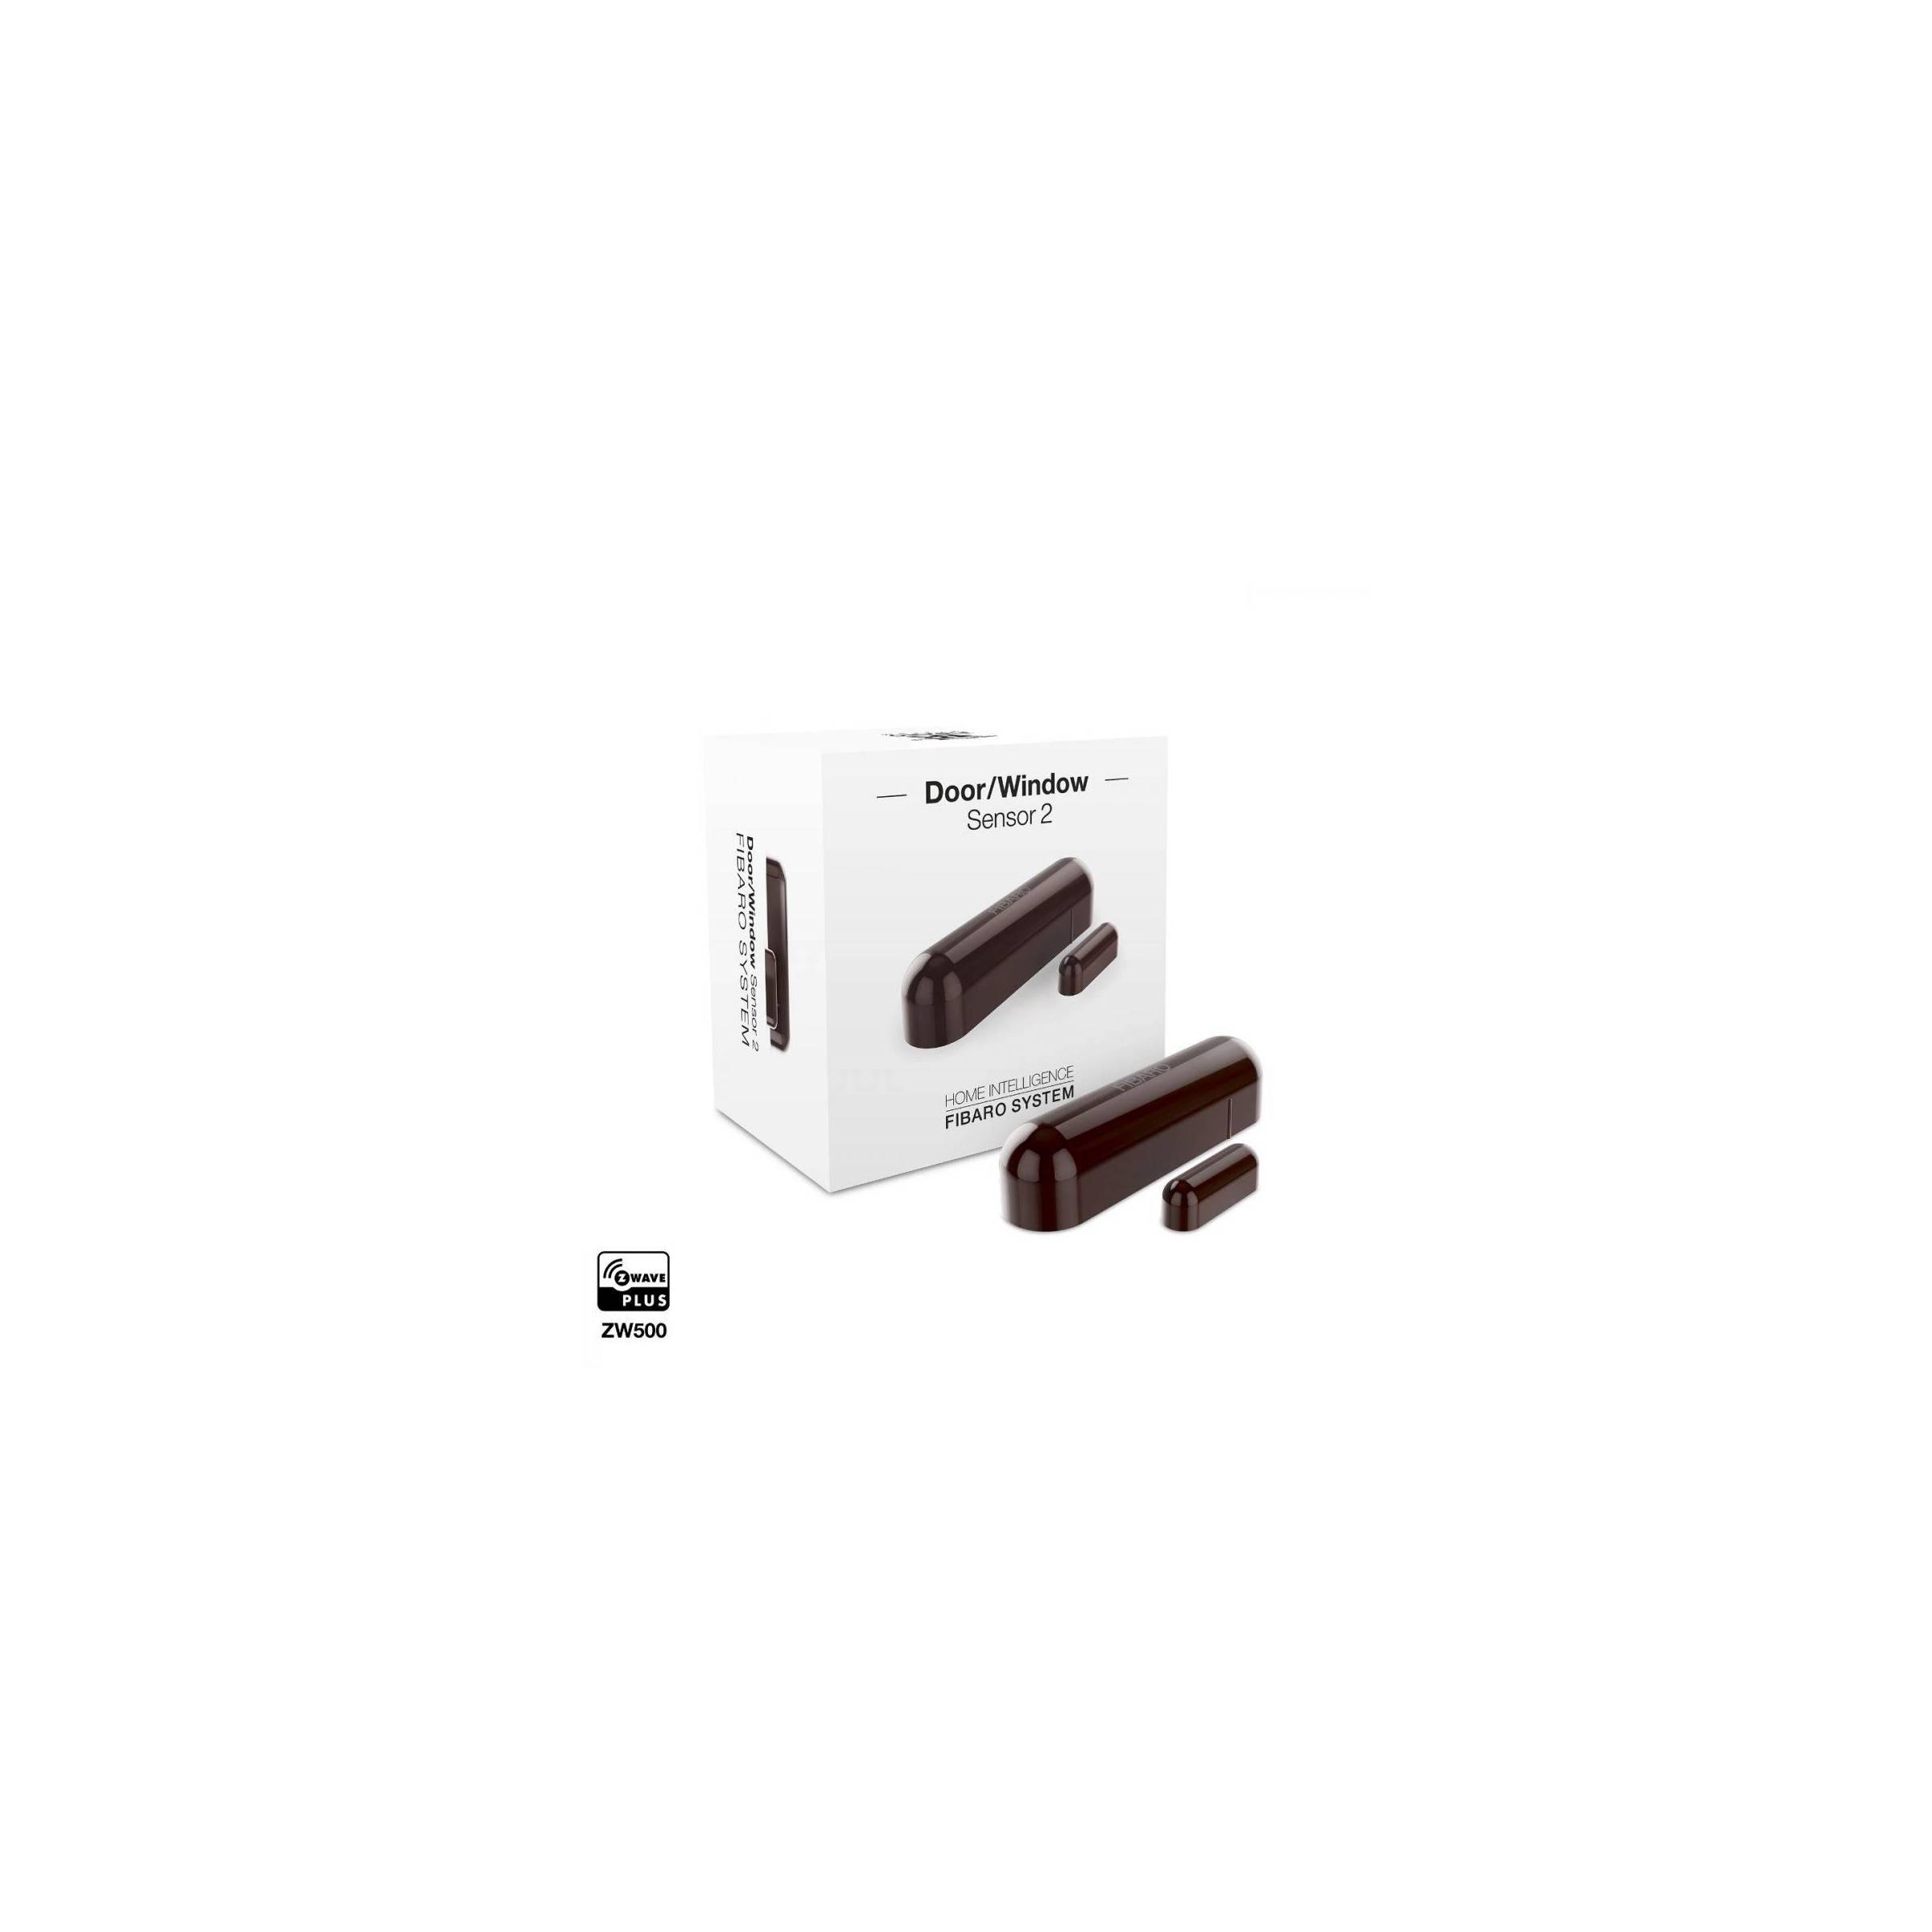 fibaro – Fibaro door window sensor 2 dark brown fra mackabler.dk